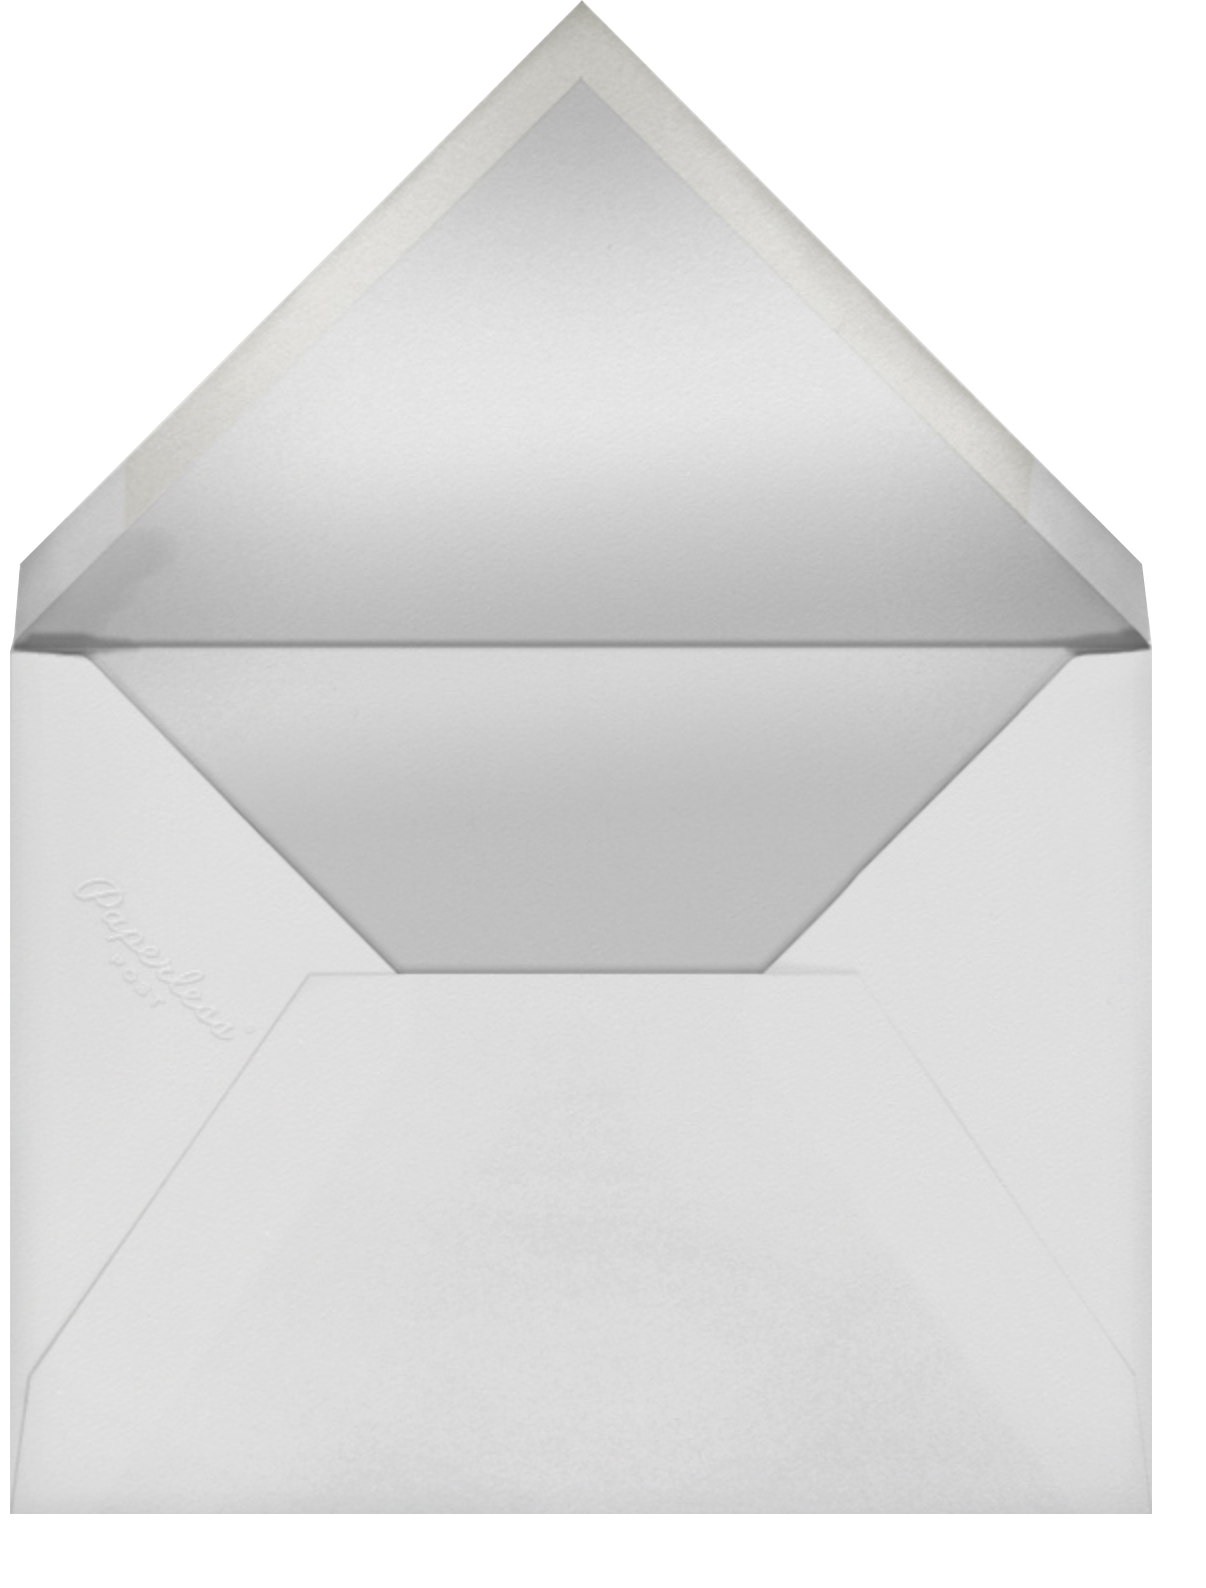 Paint Roller (White on Dune) - Paperless Post - Moving - envelope back